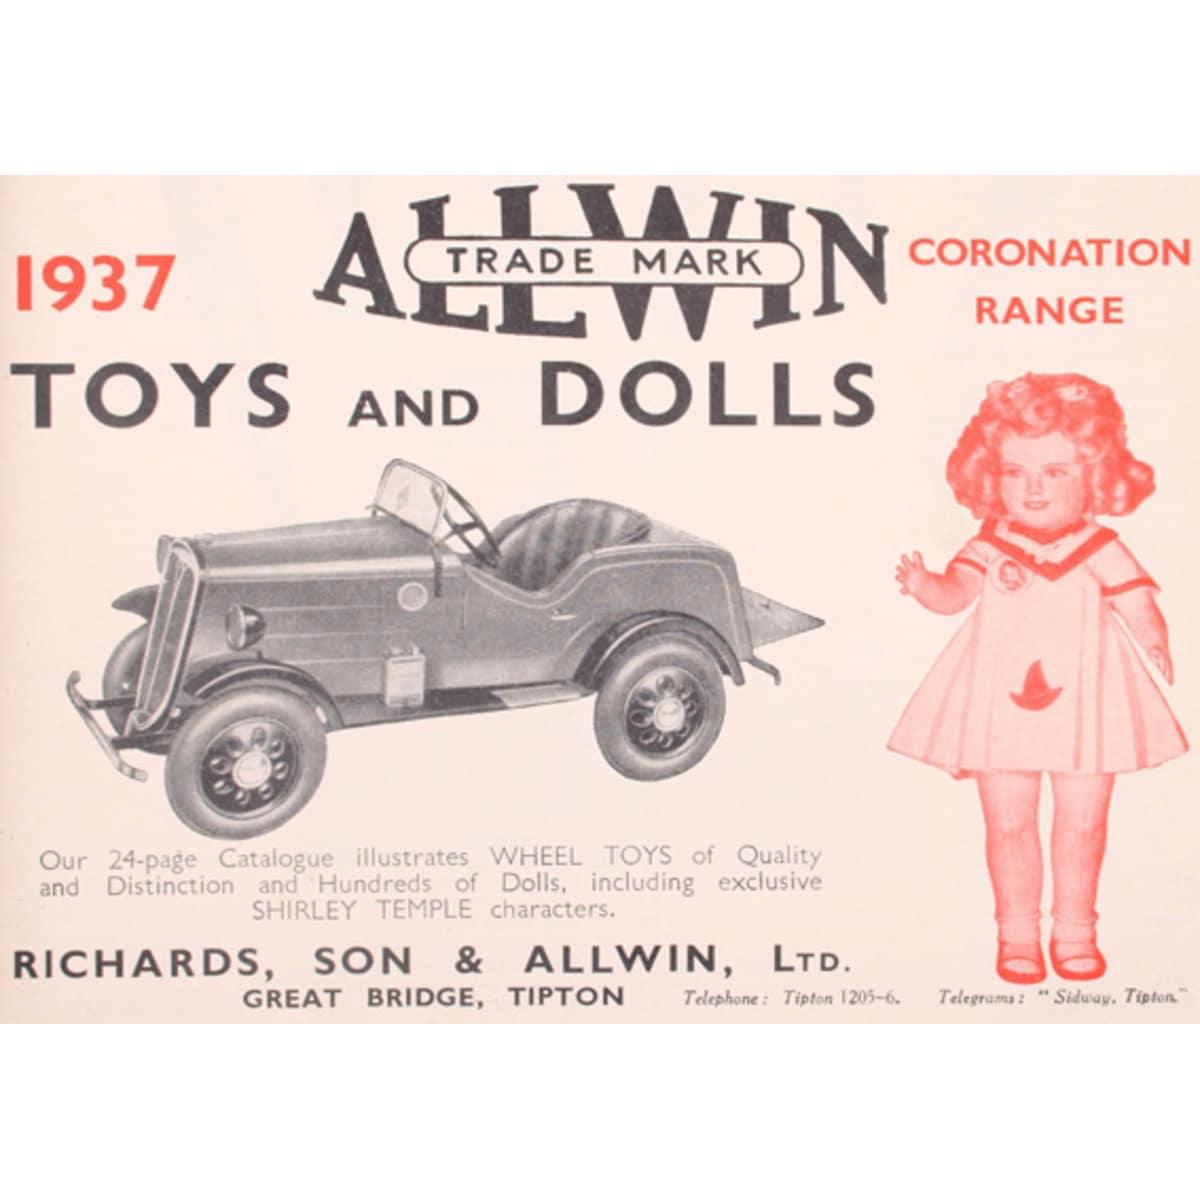 Allwin Toys - A4 (210 x 297mm)